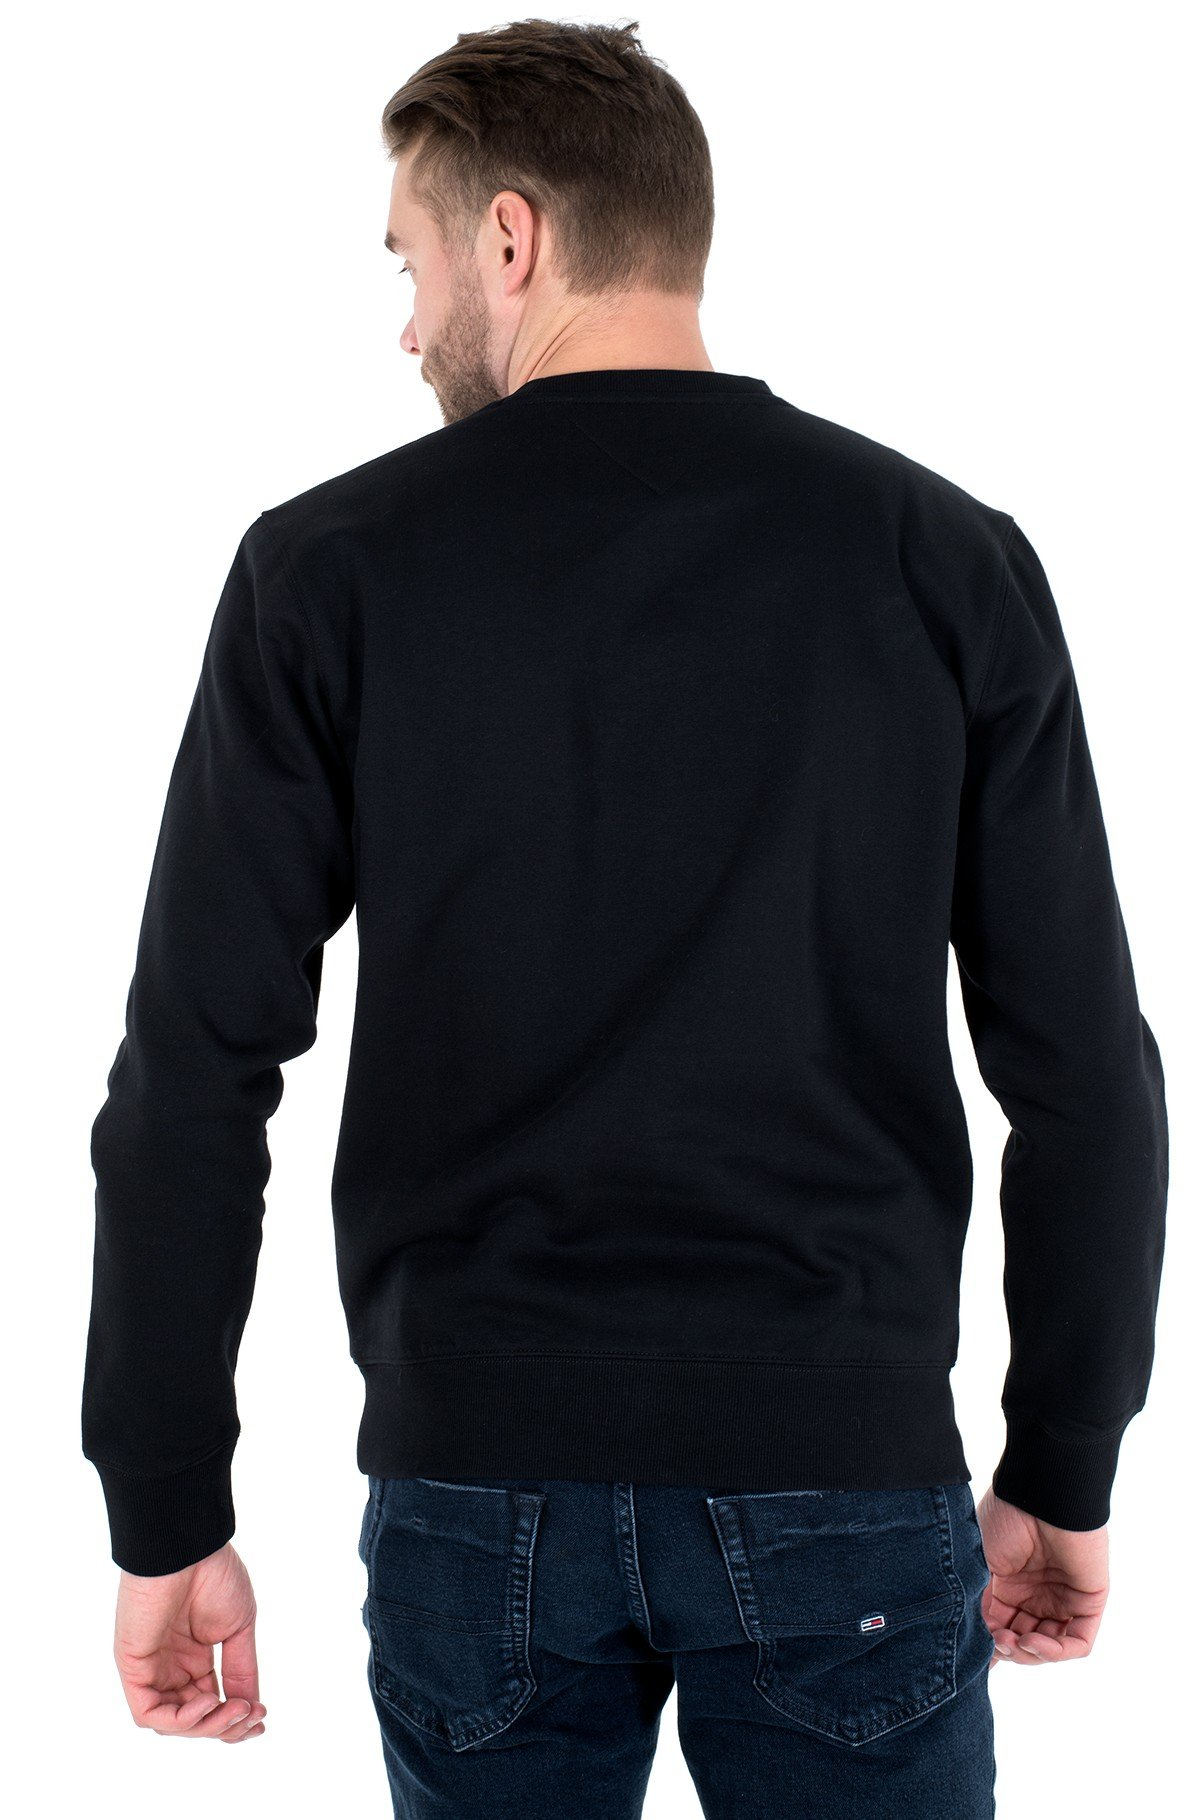 Sporta džemperis TJM REGULAR FLEECE C NECK-full-2